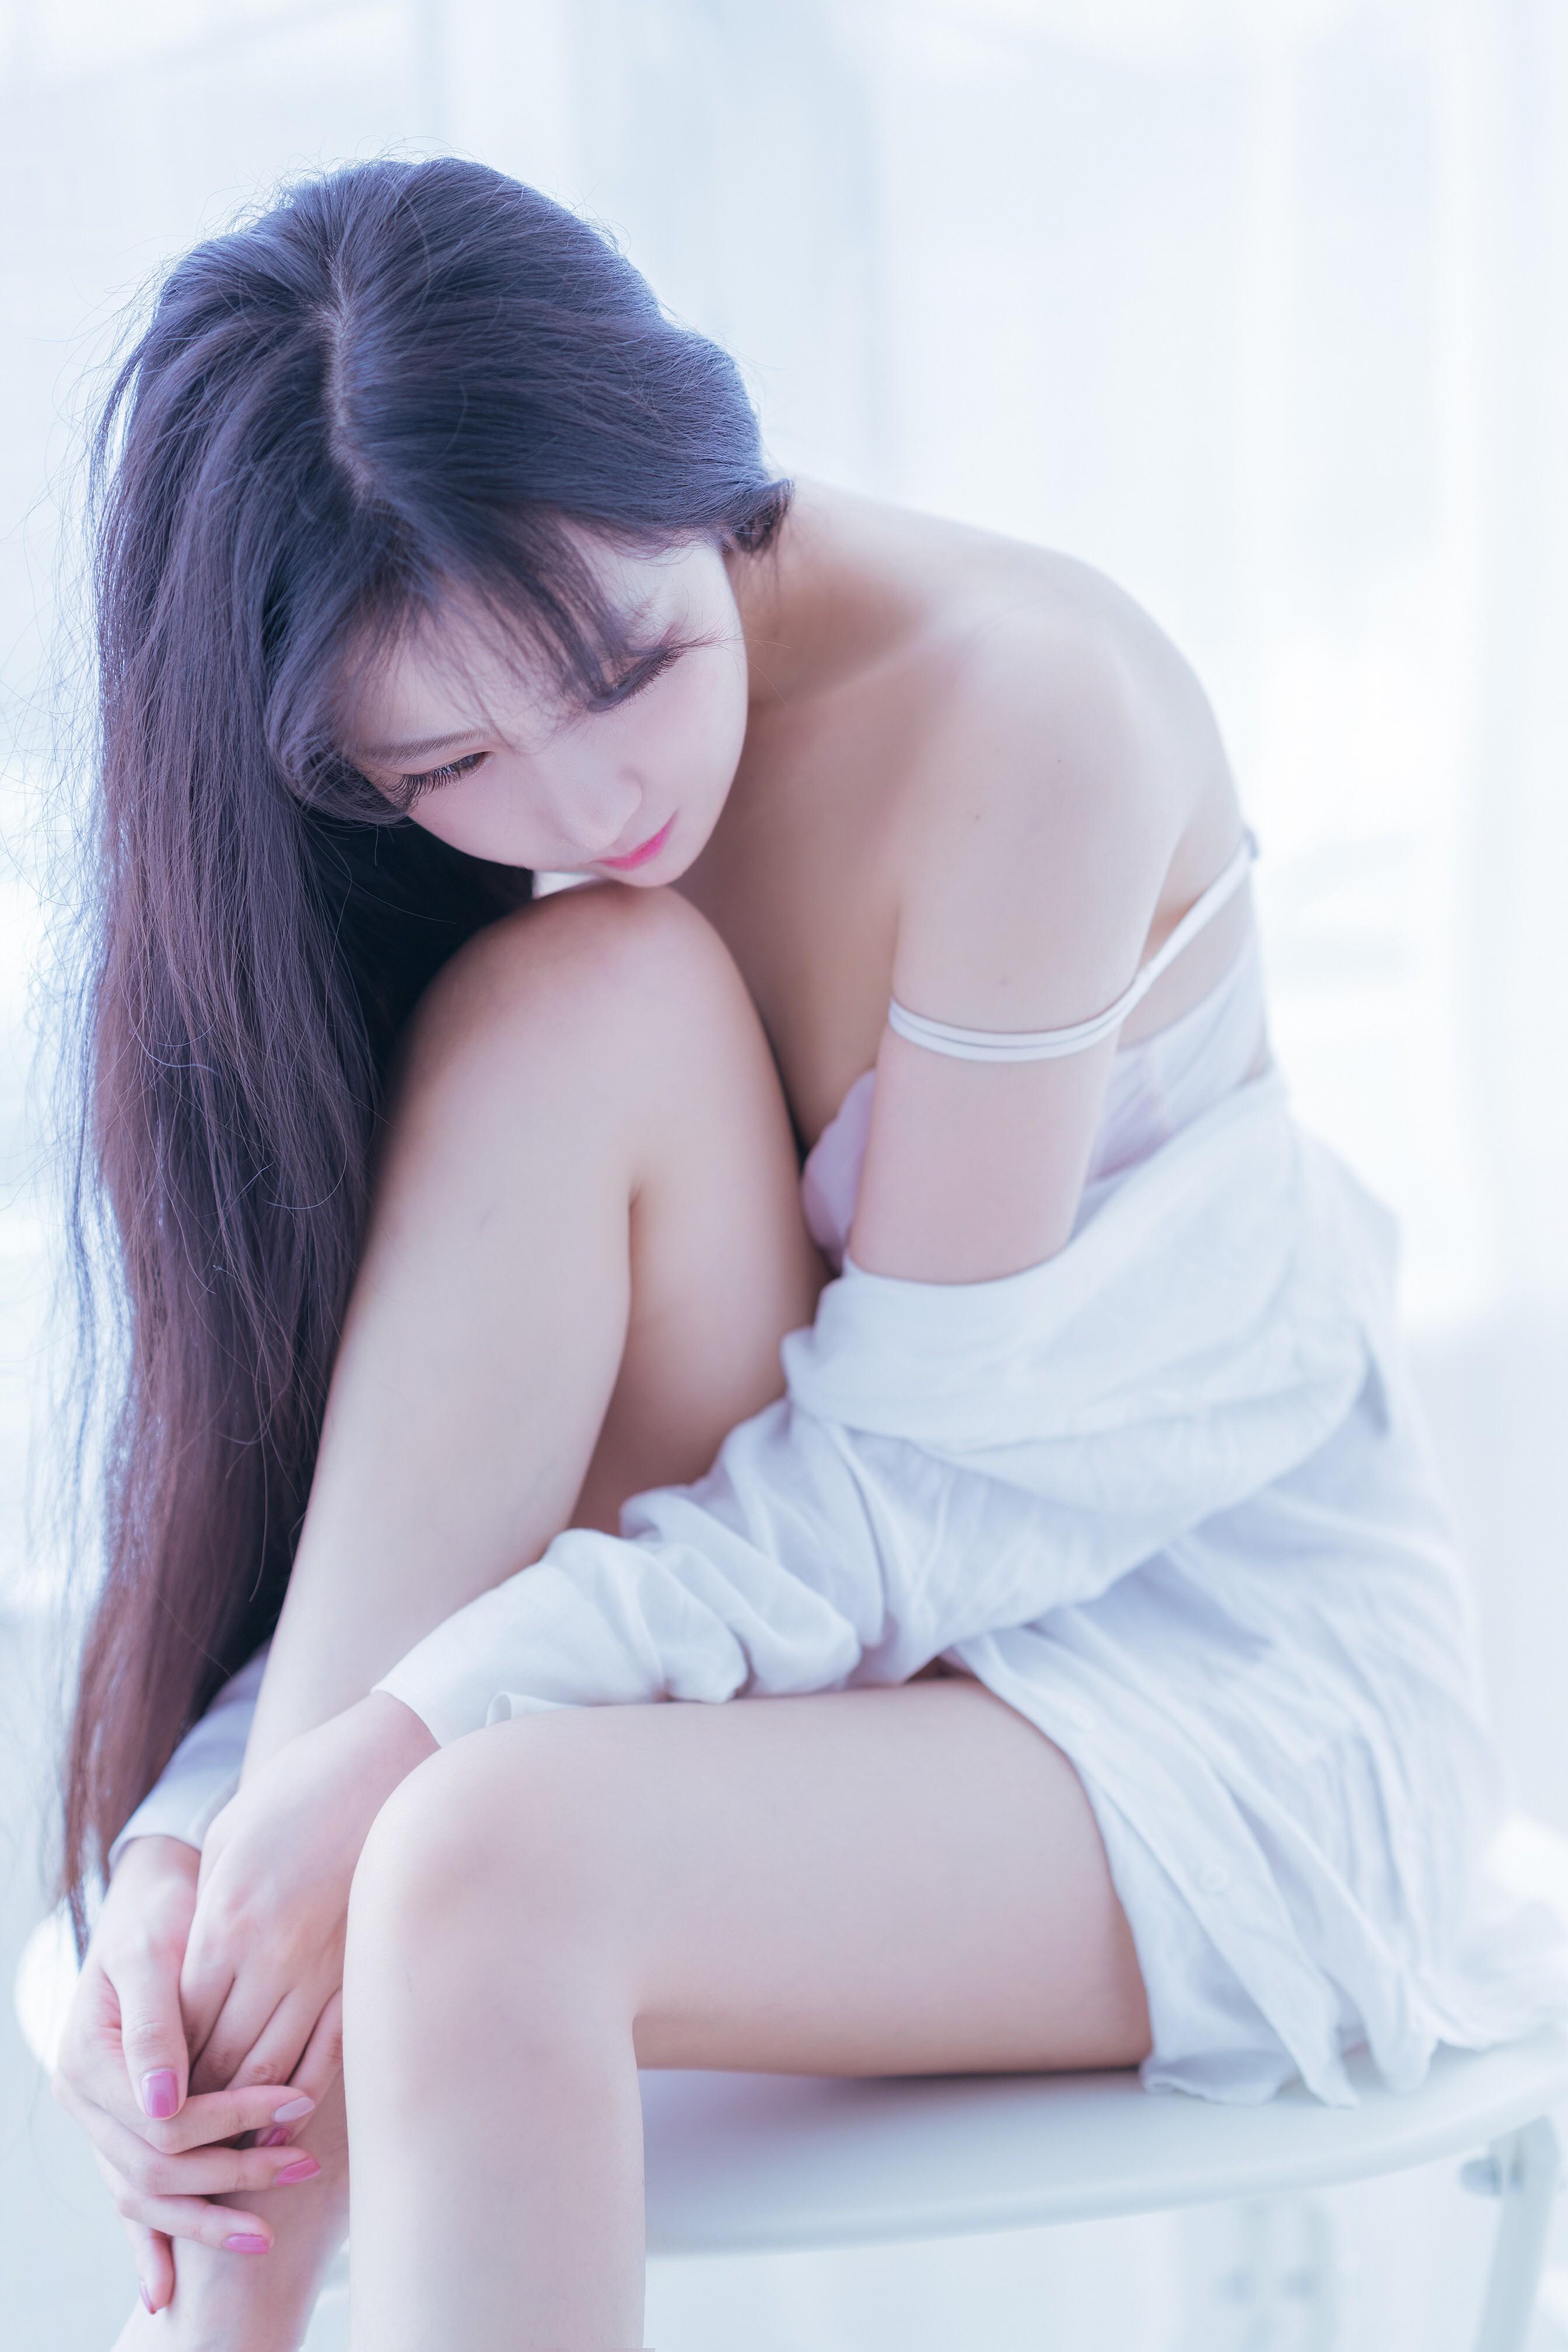 Shika小鹿鹿白衬衣写真,清纯又诱人